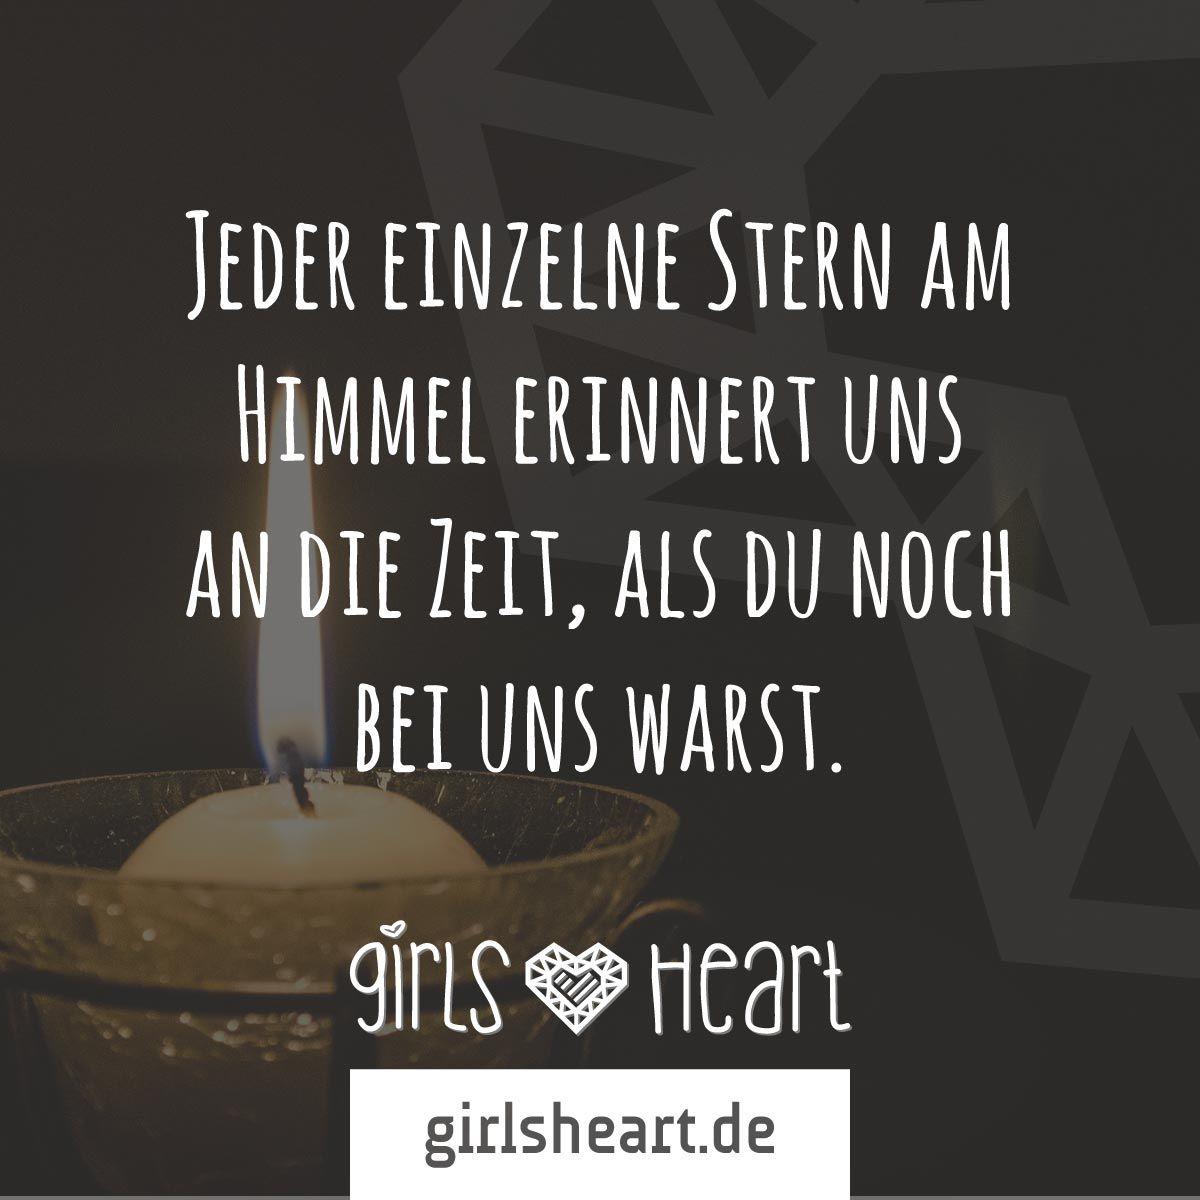 sprüche zum tod Erinnerung. Mehr Sprüche auf: .girlsheart.de #abschied #verlust  sprüche zum tod